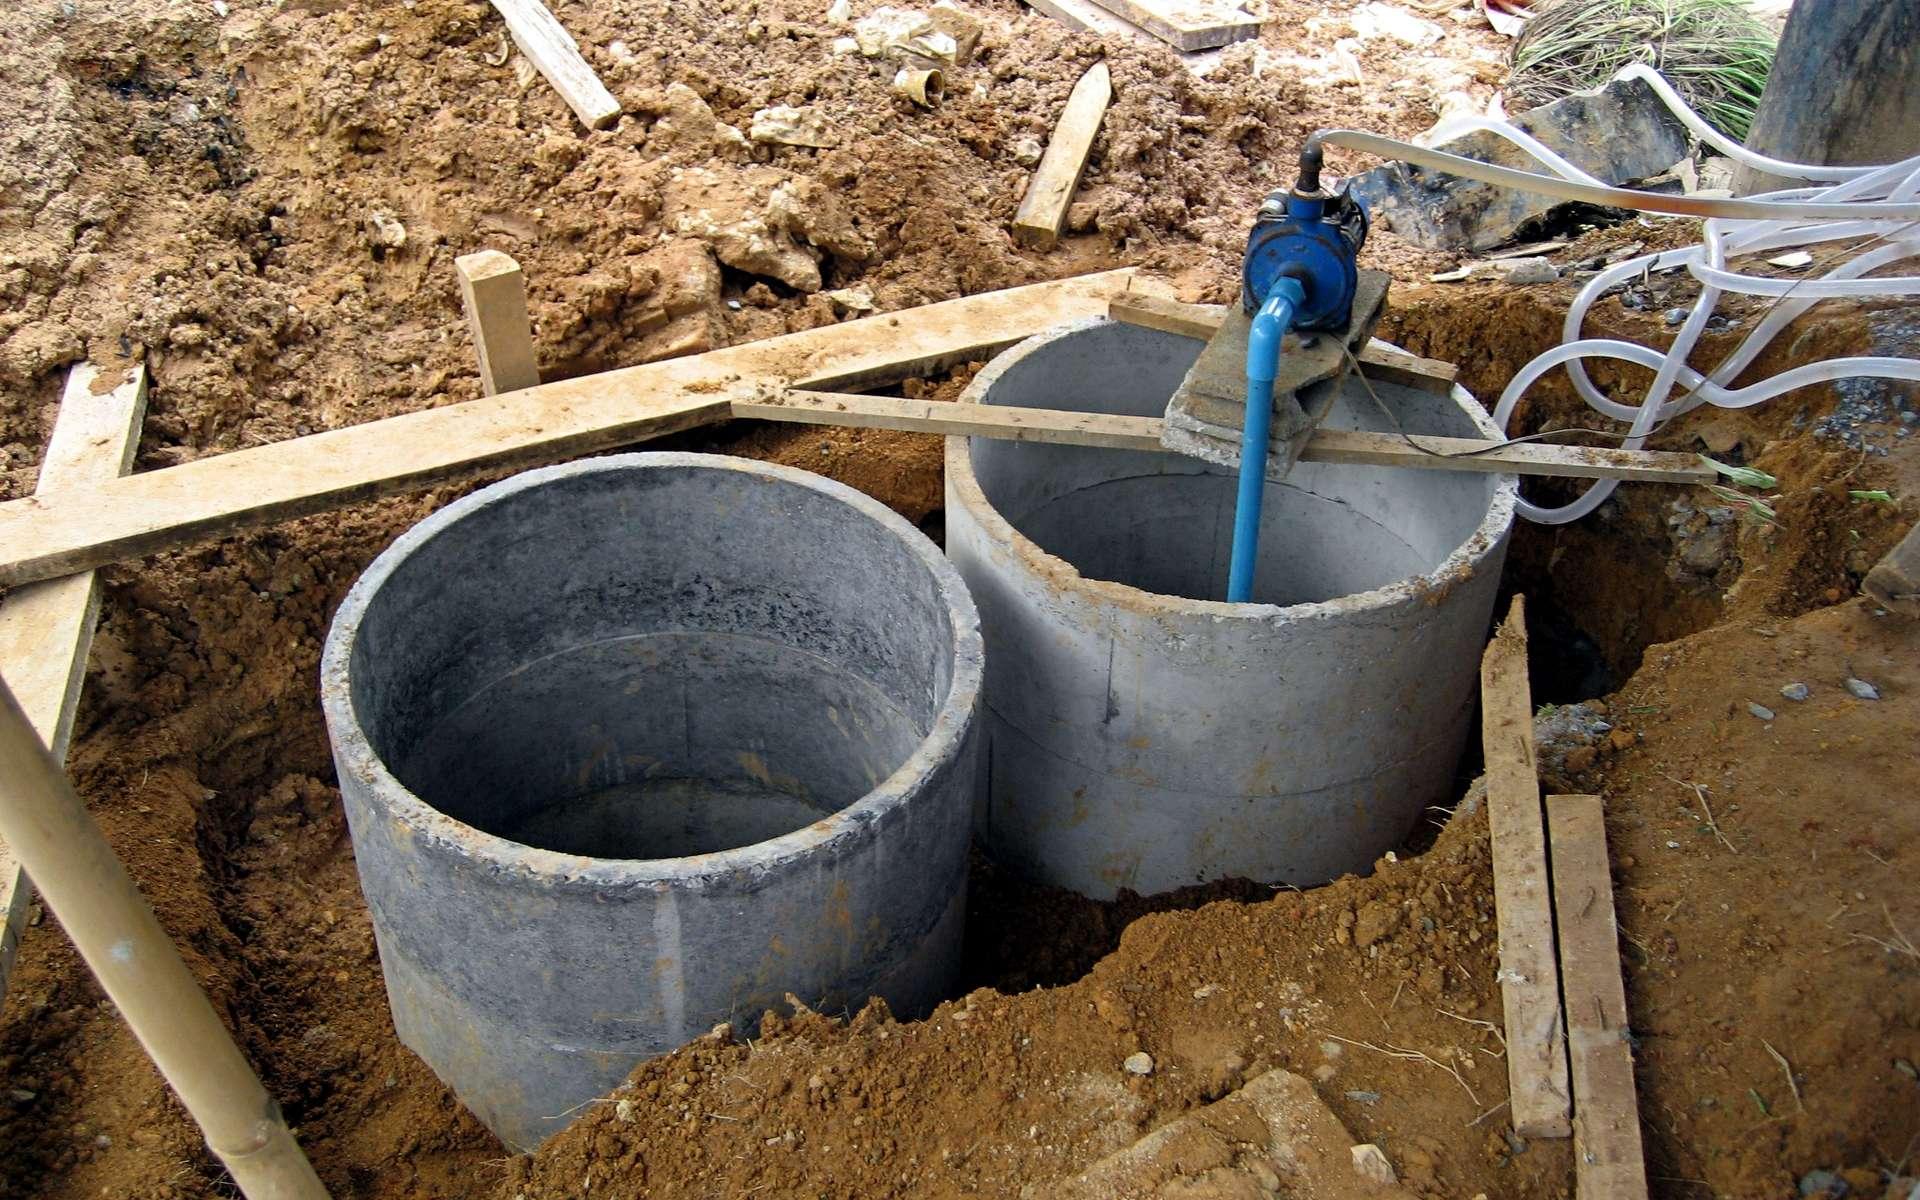 La ventilation de fosse septique est nécessaire pour évacuer les gaz. © Khaosaming, Wikimedia Commons, CC BY-SA 3.0